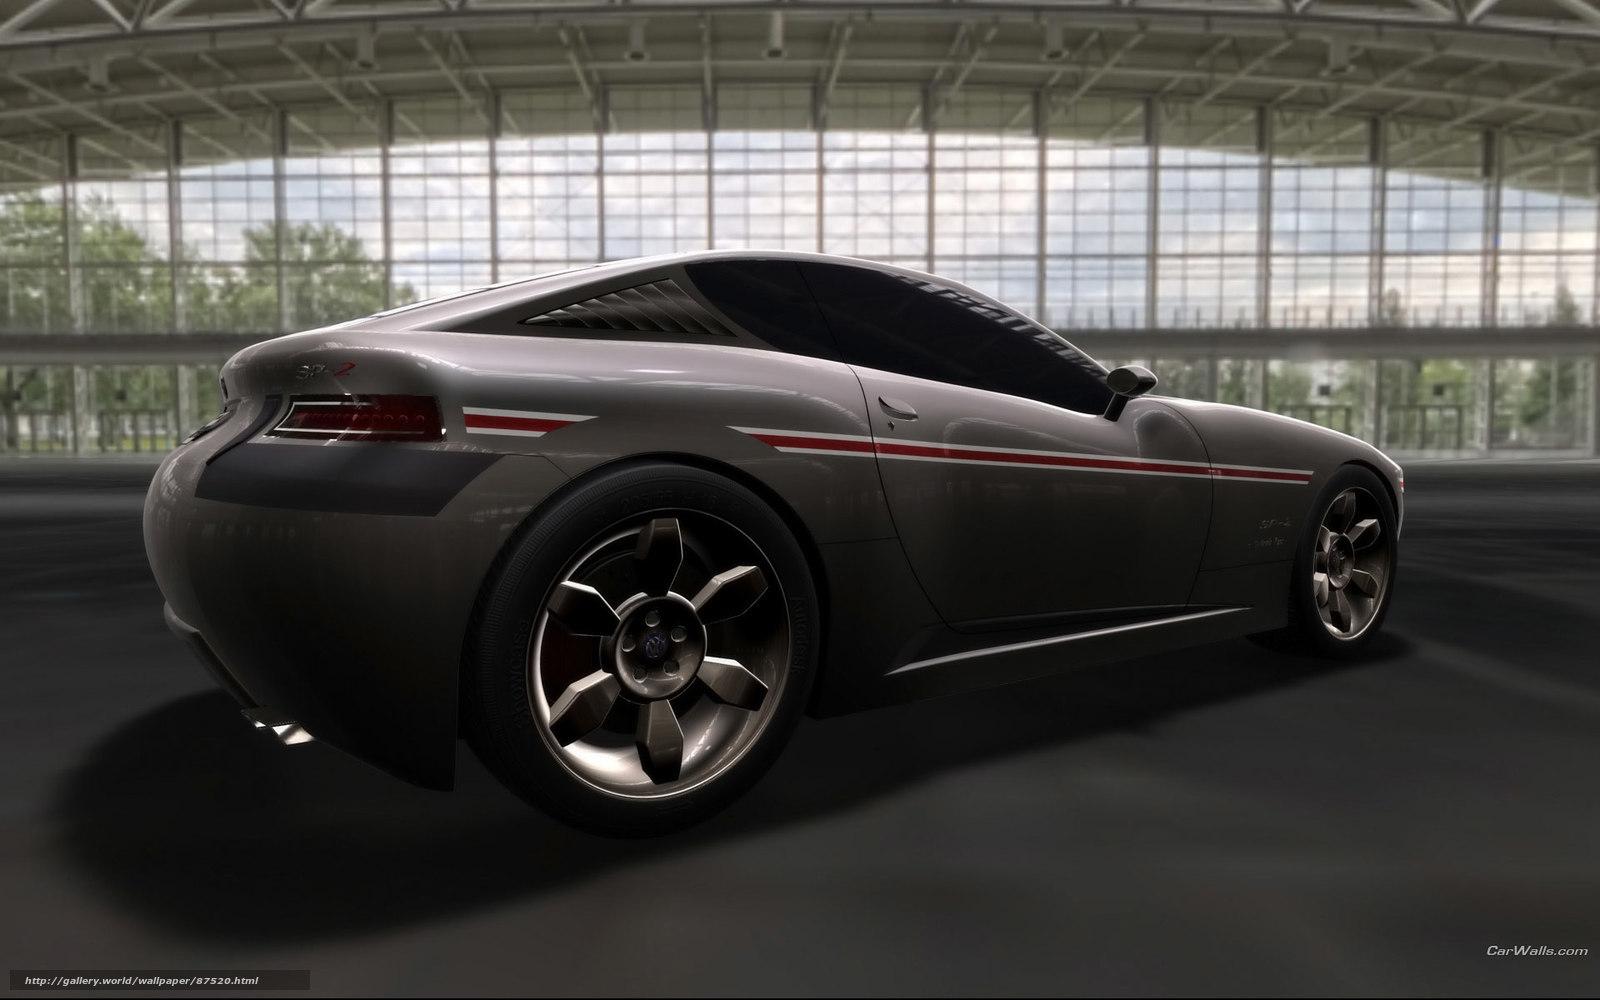 Скачать обои Volkswagen,  Golf 3D,  авто,  машины бесплатно для рабочего стола в разрешении 1920x1200 — картинка №87520